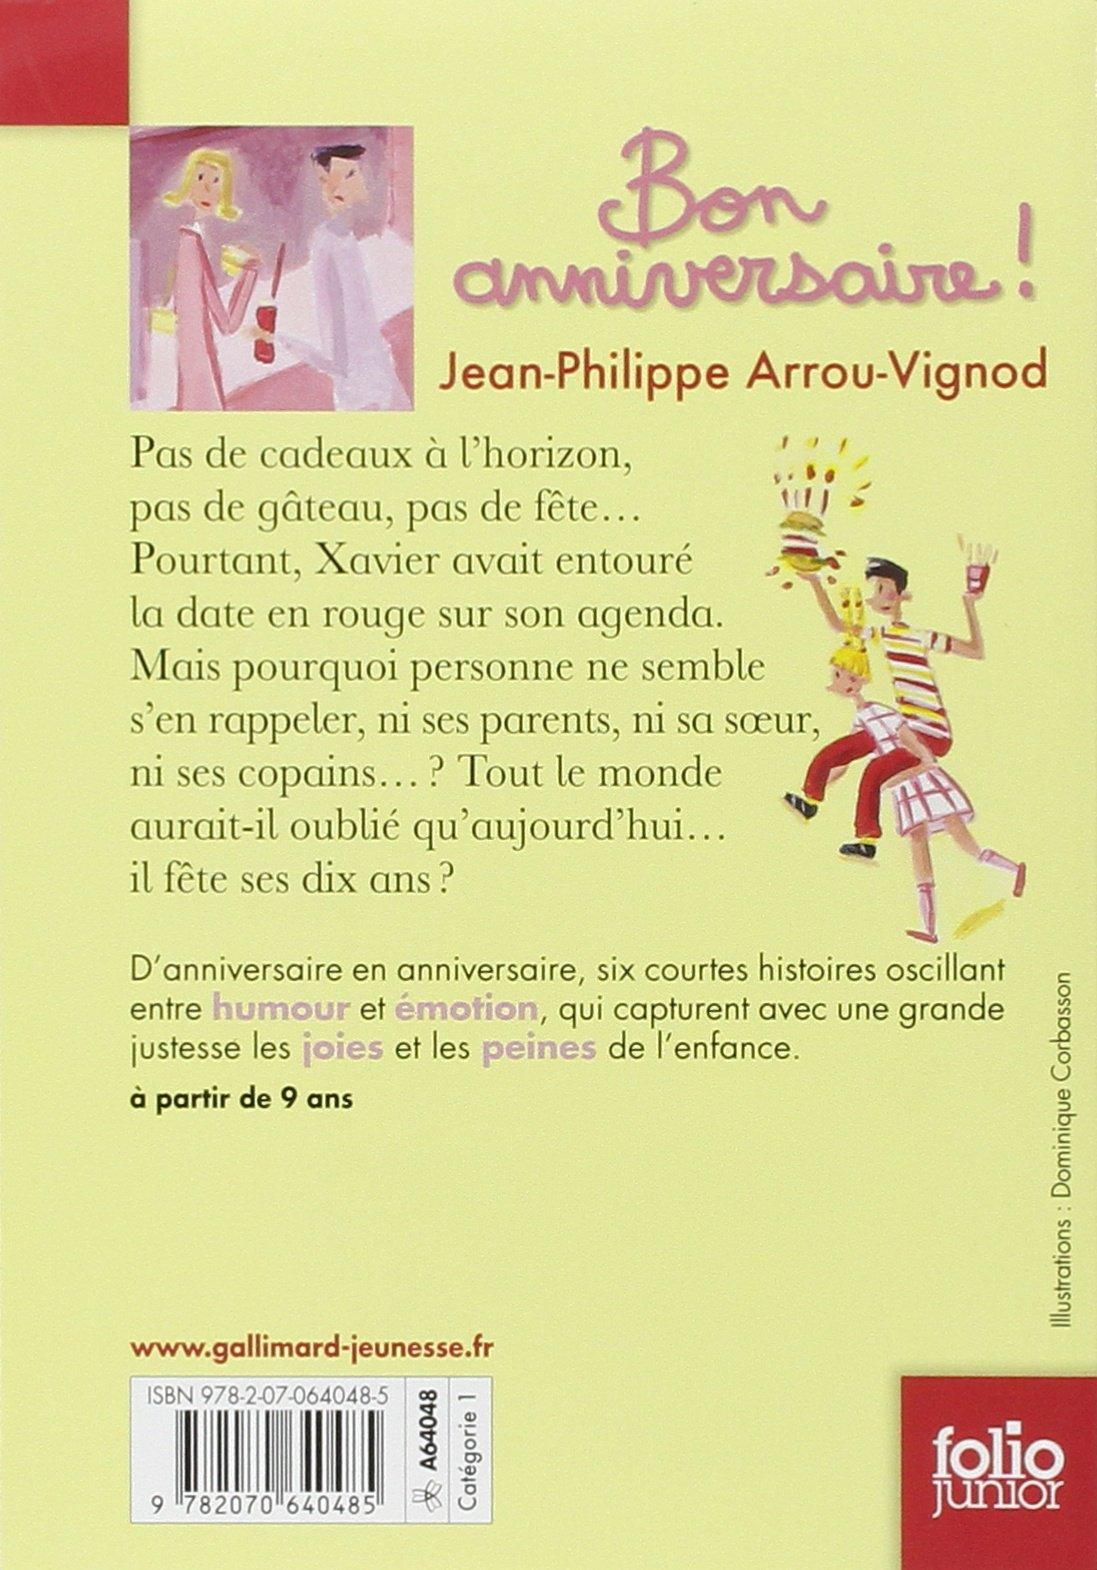 Amazon Fr Bon Anniversaire Jean Philippe Arrou Vignod Livres